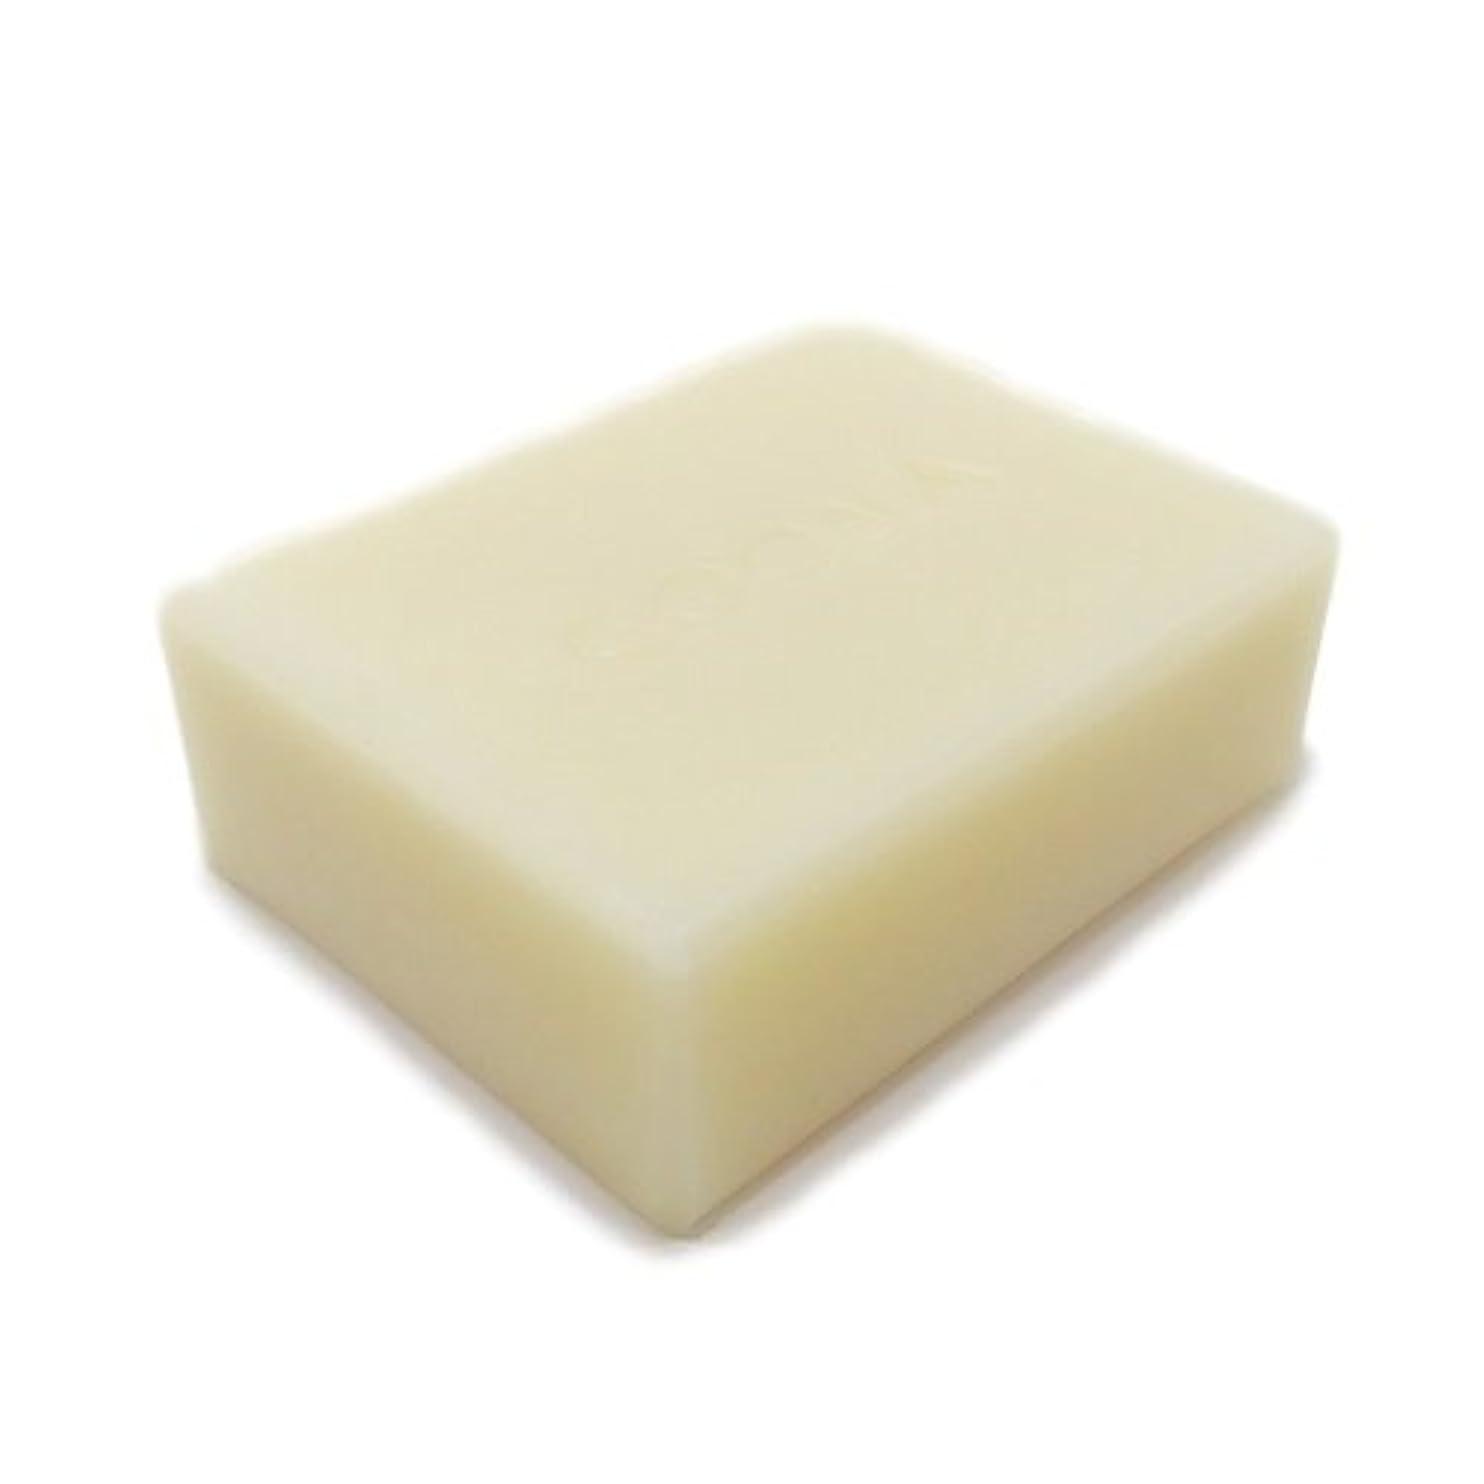 信者球状羨望浴用石鹸 COONA和の香り石けん はっか (天然素材 自然派 コールドプロセス 手作り せっけん) 80g